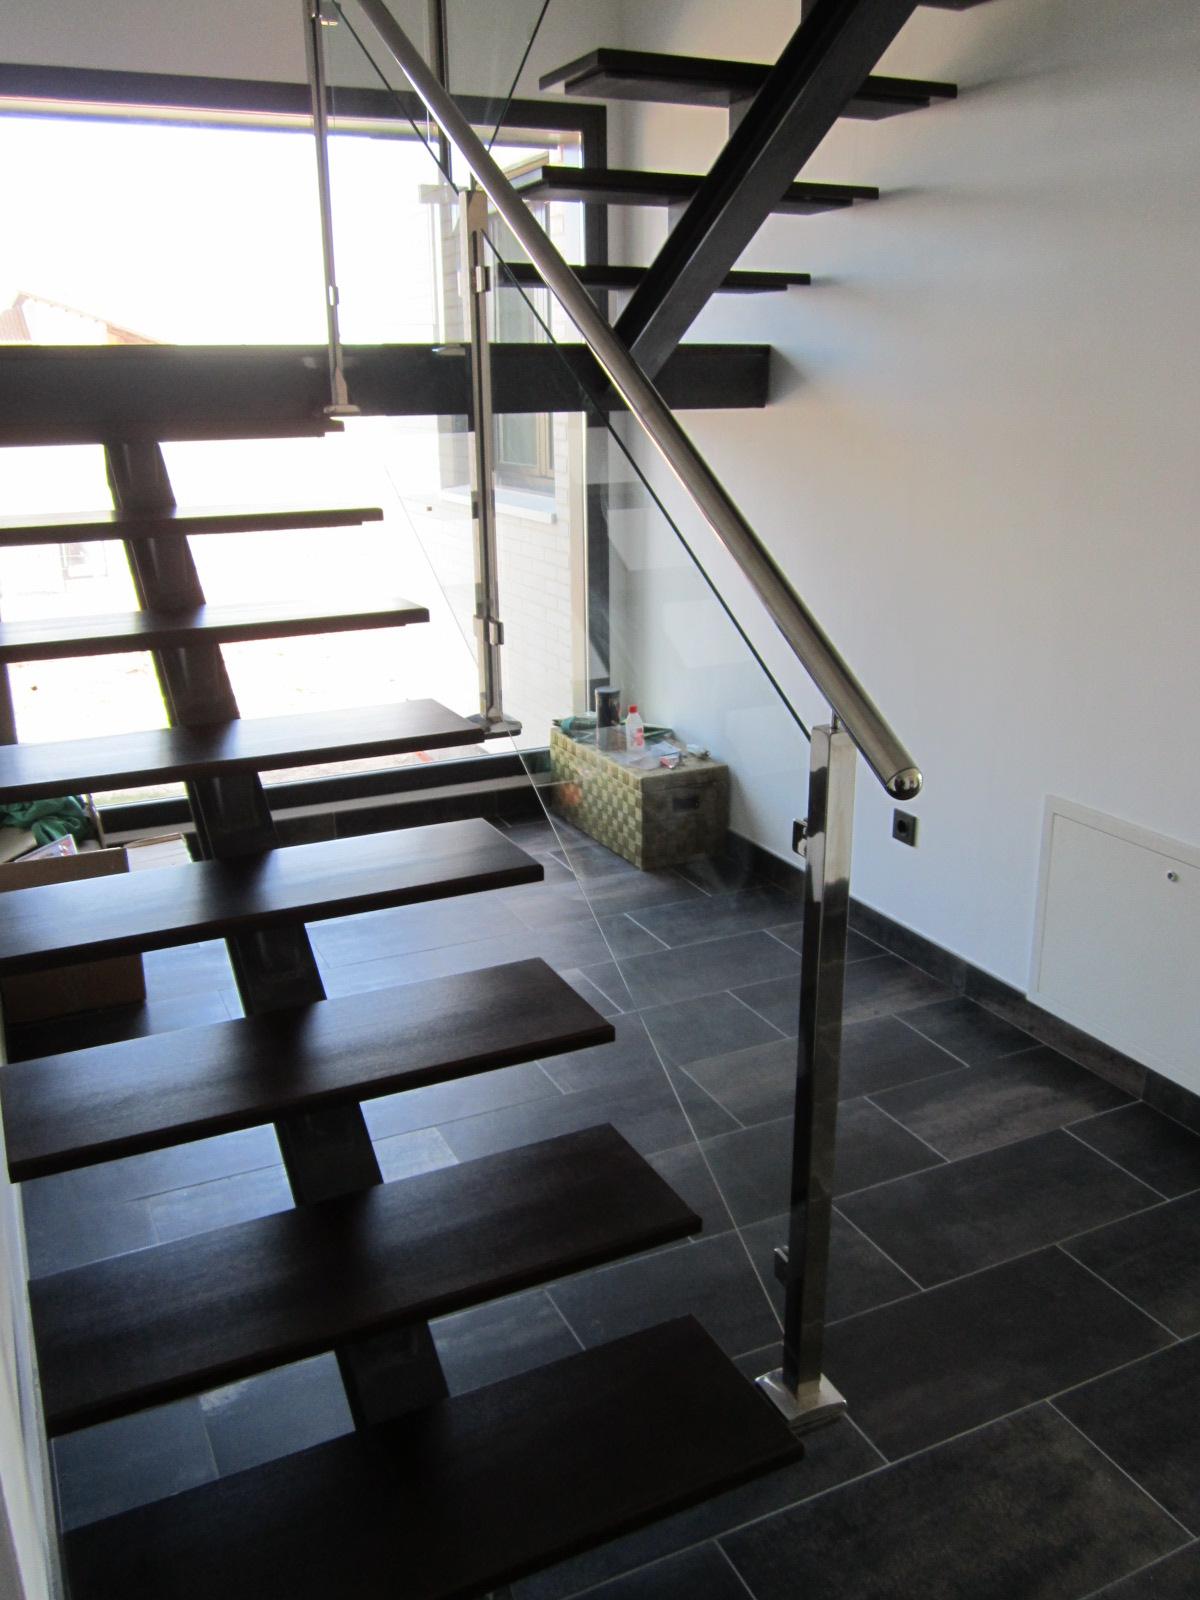 Norbel carpinteria met lica y acero inoxidable escalera - Peldanos de escaleras ...